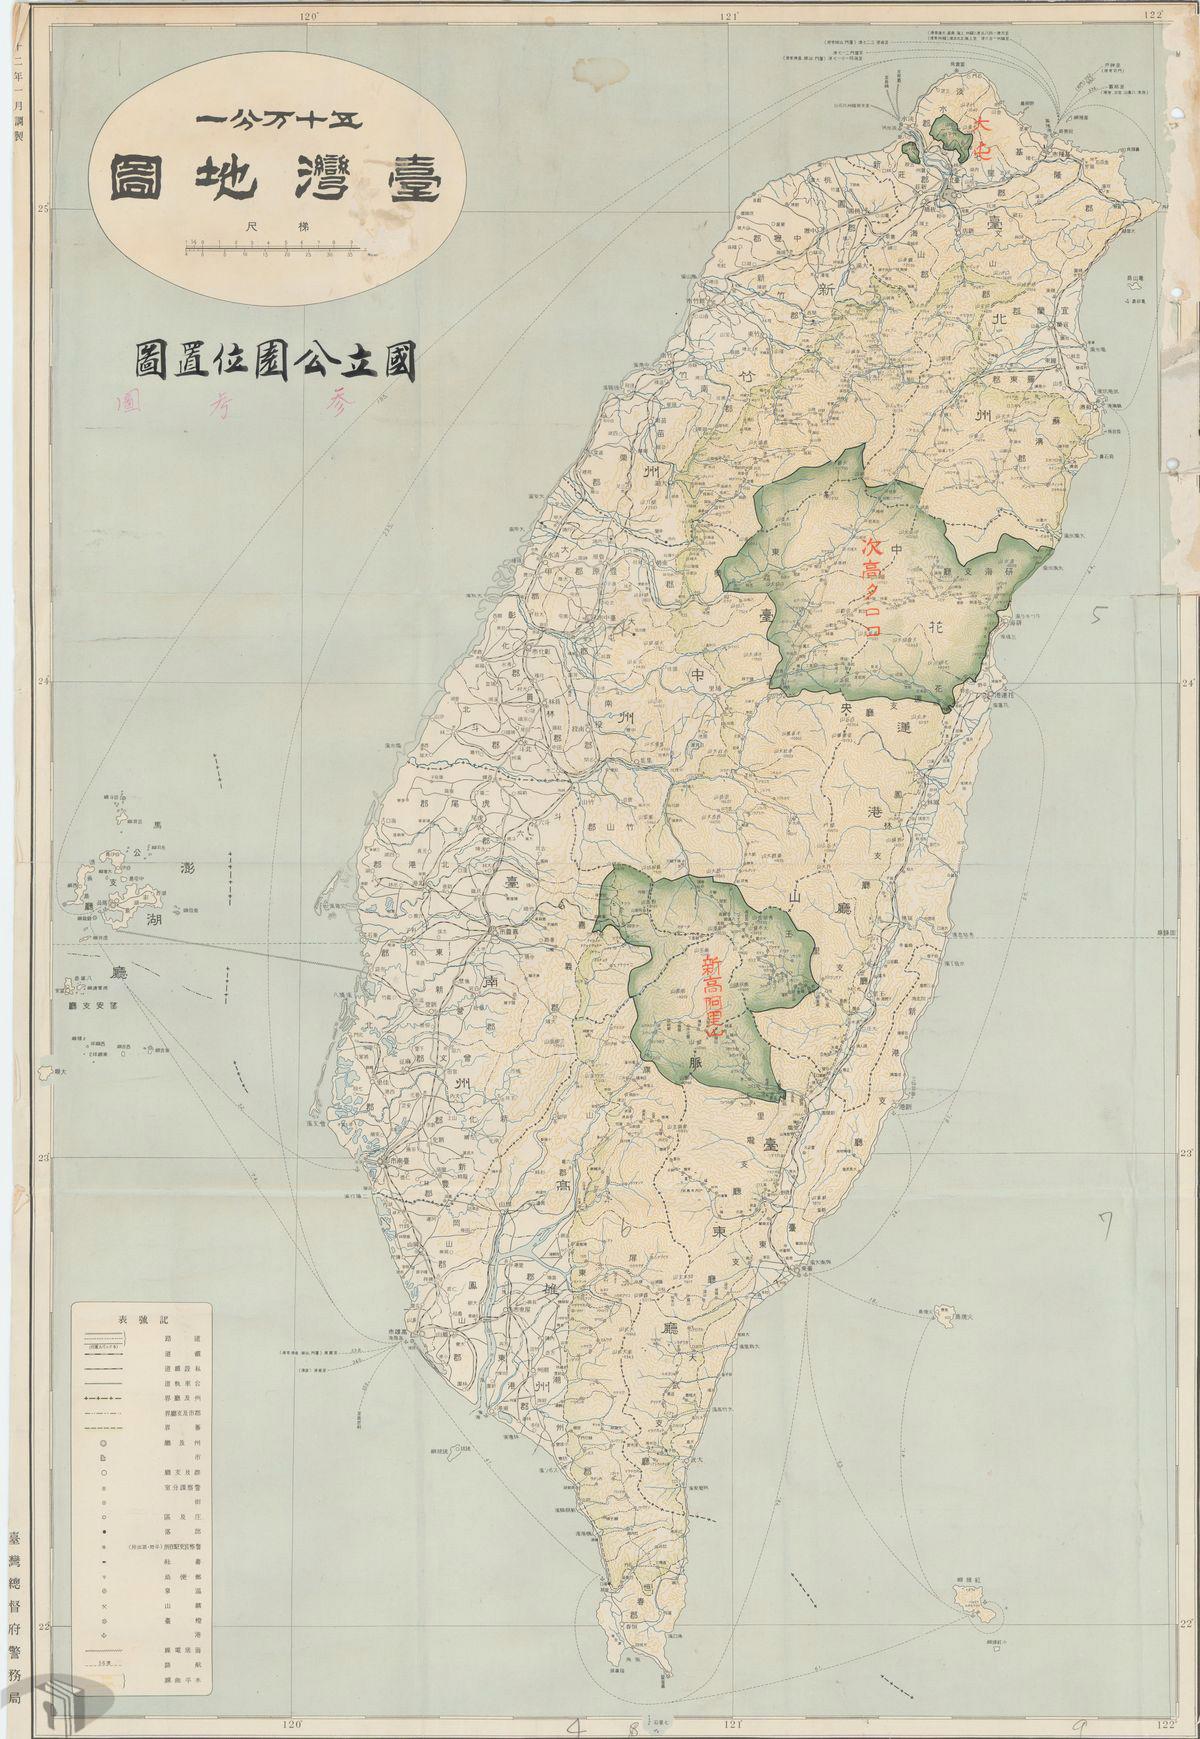 圖2 1937年的〈國立公園位置圖〉